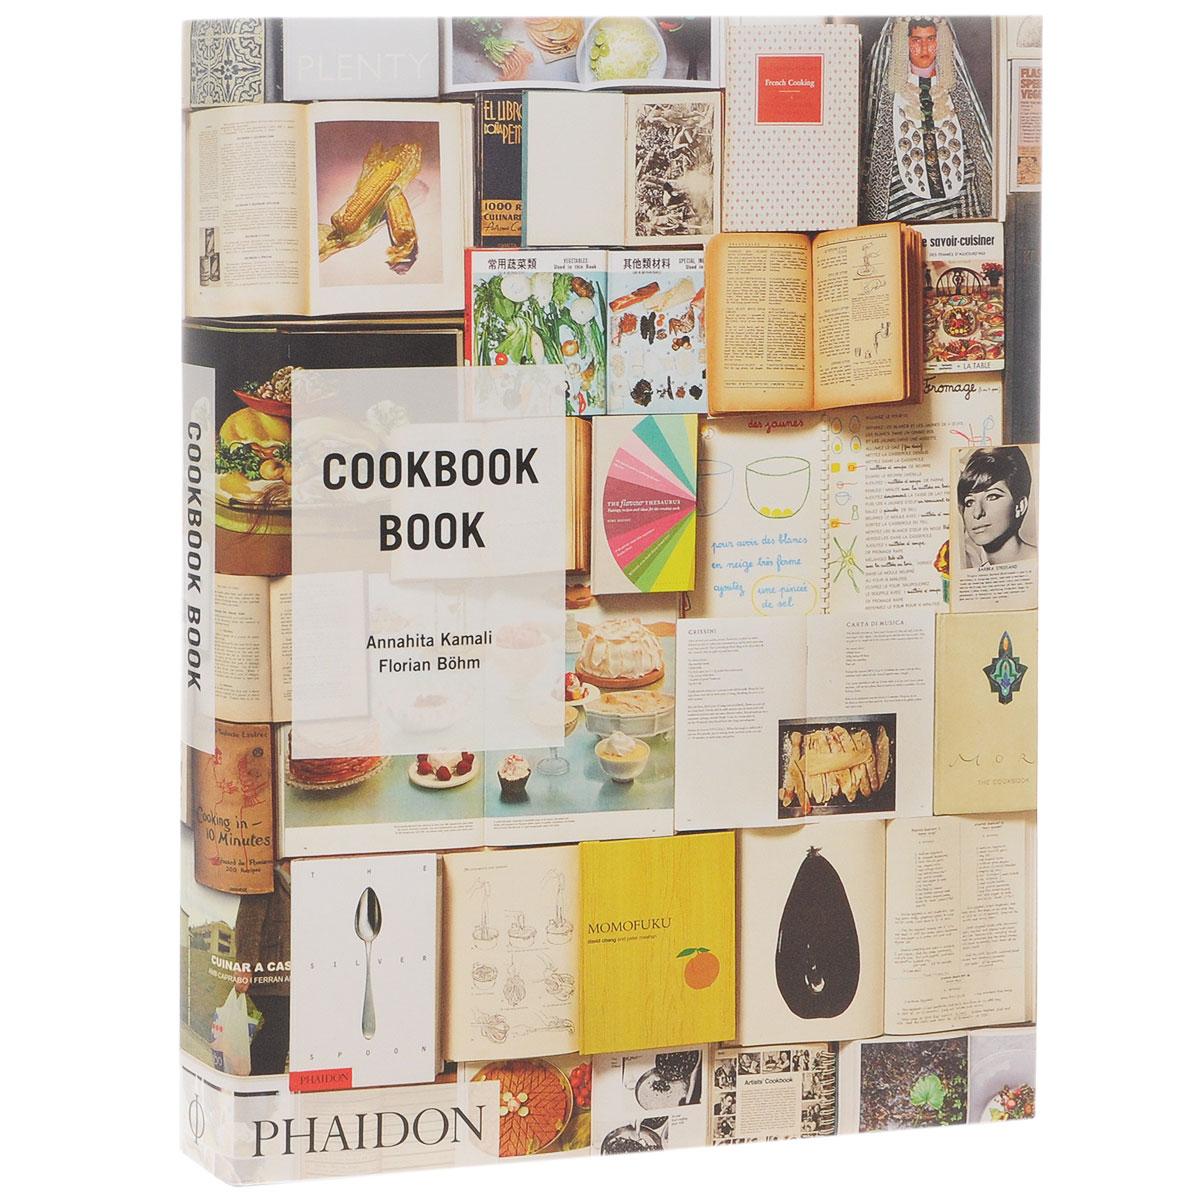 Annahita Kamali, Florian Bohm Cookbook Book richard strauss karl bohm salome